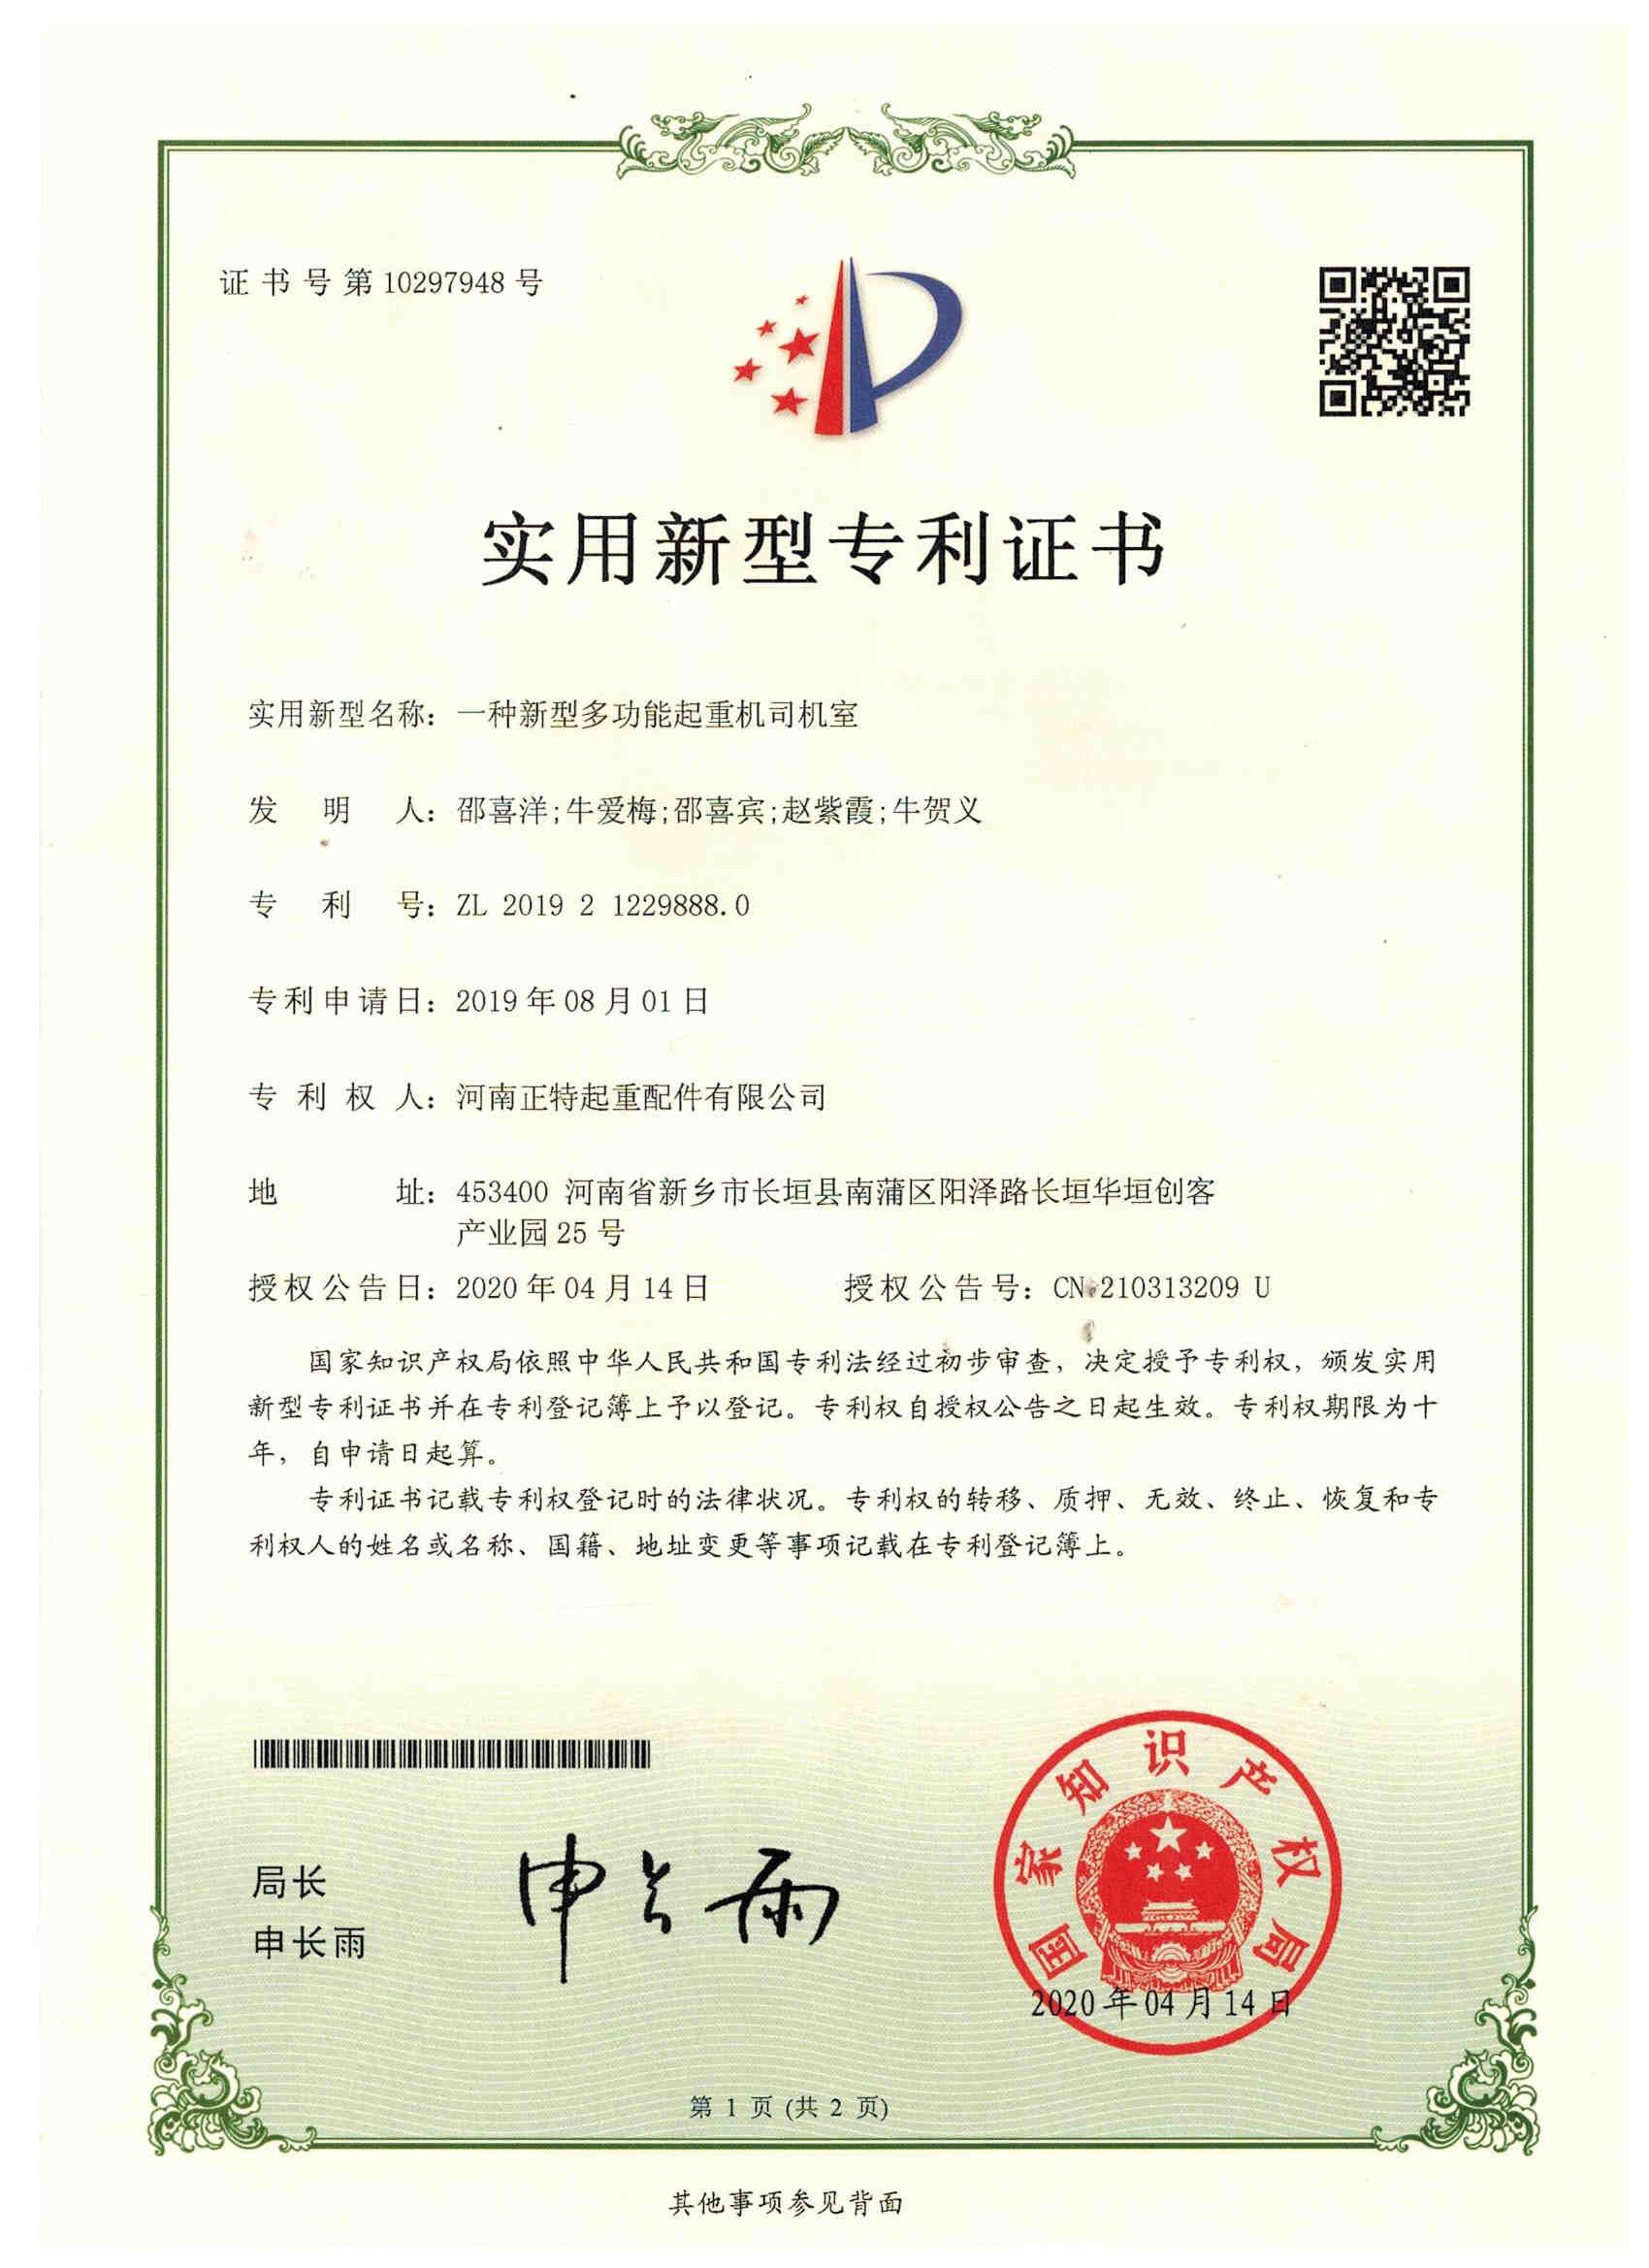 多功能起重机司机室专利证书